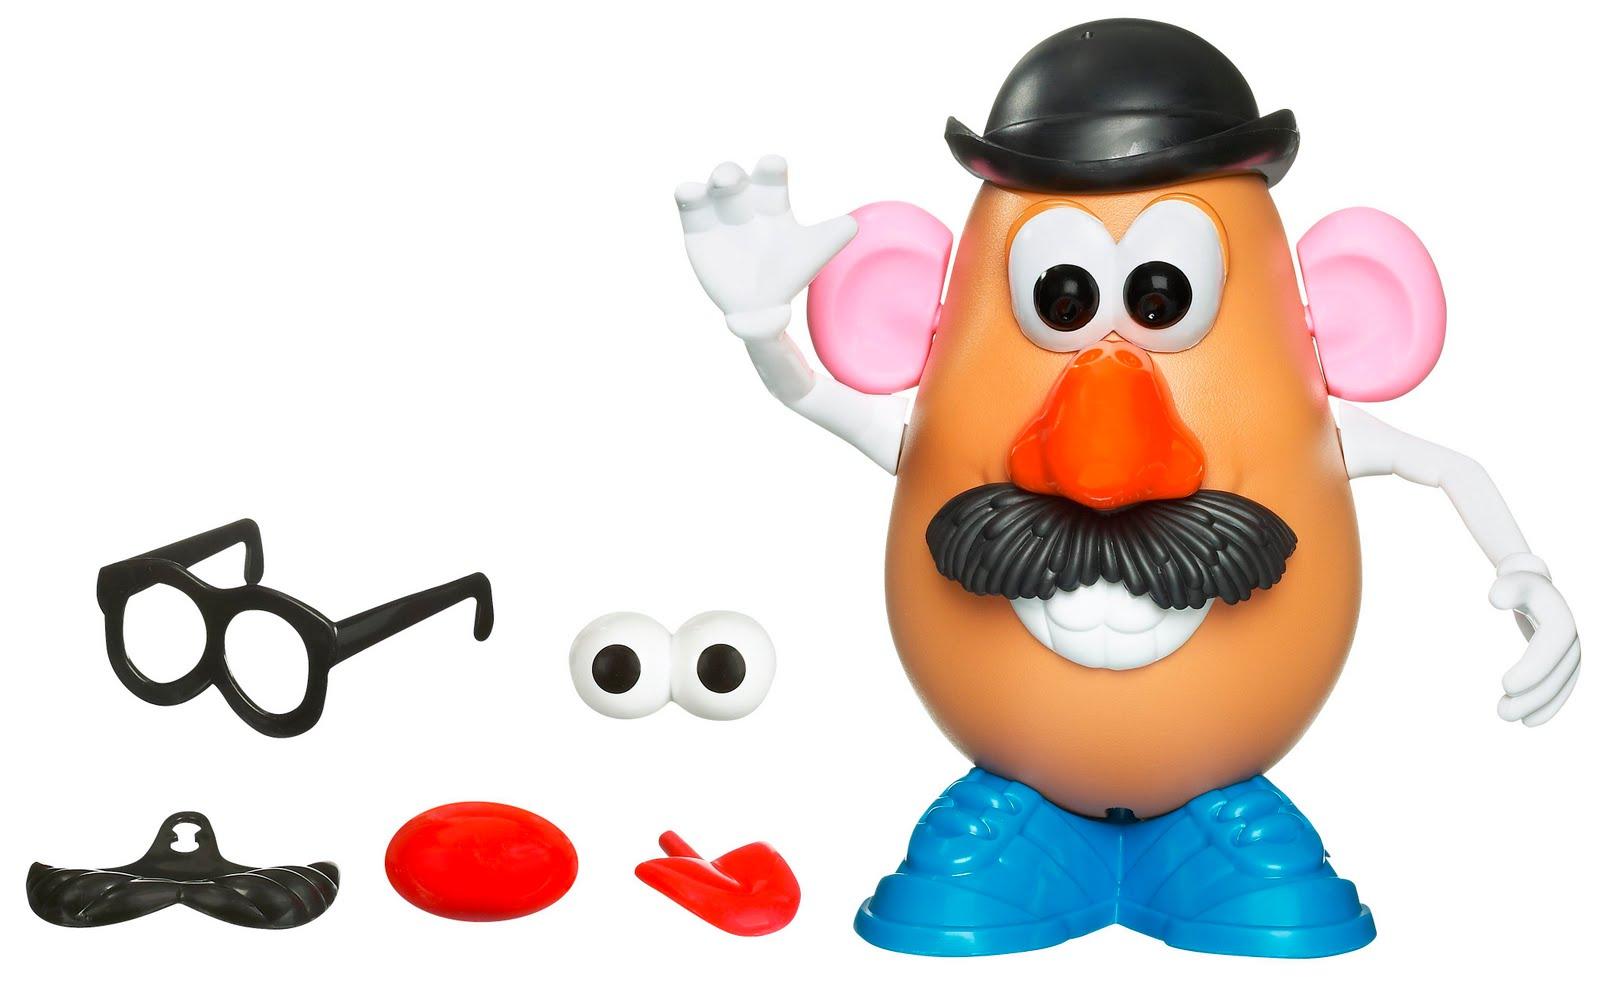 http://3.bp.blogspot.com/_3d70uzXarhg/TCC19wv5ysI/AAAAAAAAAQs/BMzSXtU2-Xg/s1600/ToyStory3Mr.PotatoHead.jpg